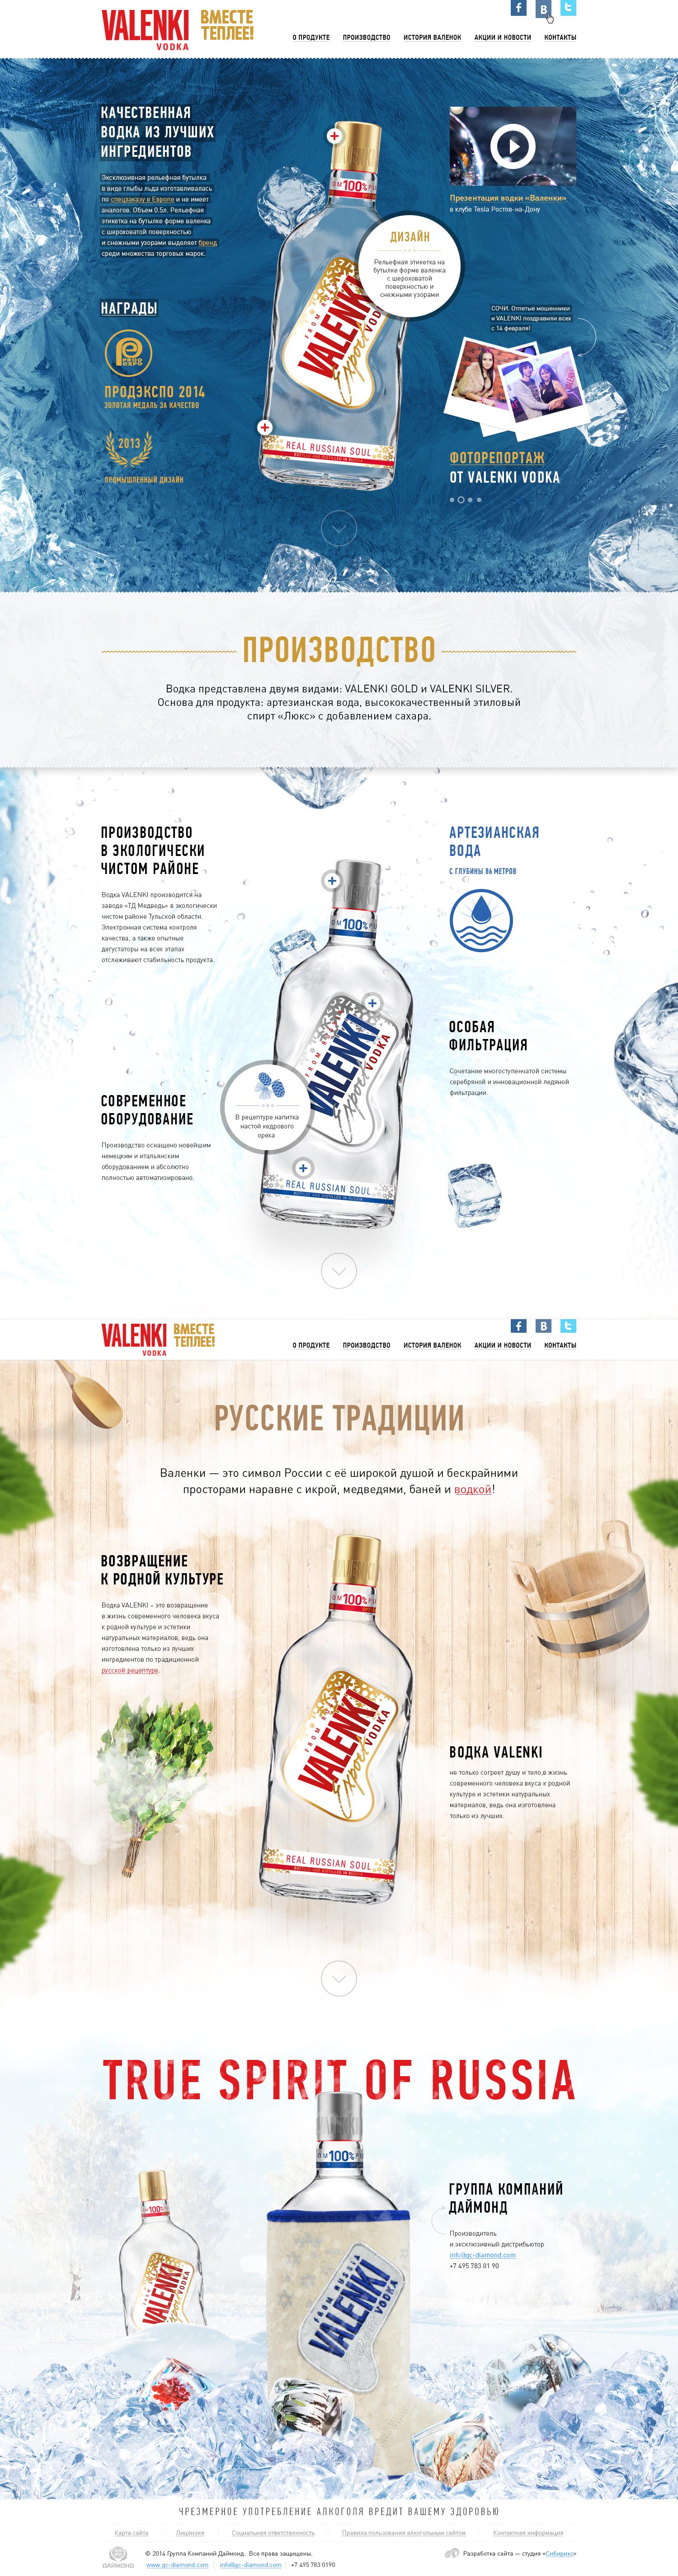 <p><b>Бутылка водки должна пройти через сибирские морозы, чистейшую воду глубоких скважин, русскую баню и, наконец, упасть намороз прямо вваленок, который является оригинальной упаковкой</b></p><p>Помере «полета» бутылки побокам всплывают различные факты опроизводстве водки, нафоне параллаксятся кубики льда, капли ибанная утварь. Бедные верстальщики, вымолодцы!</p>